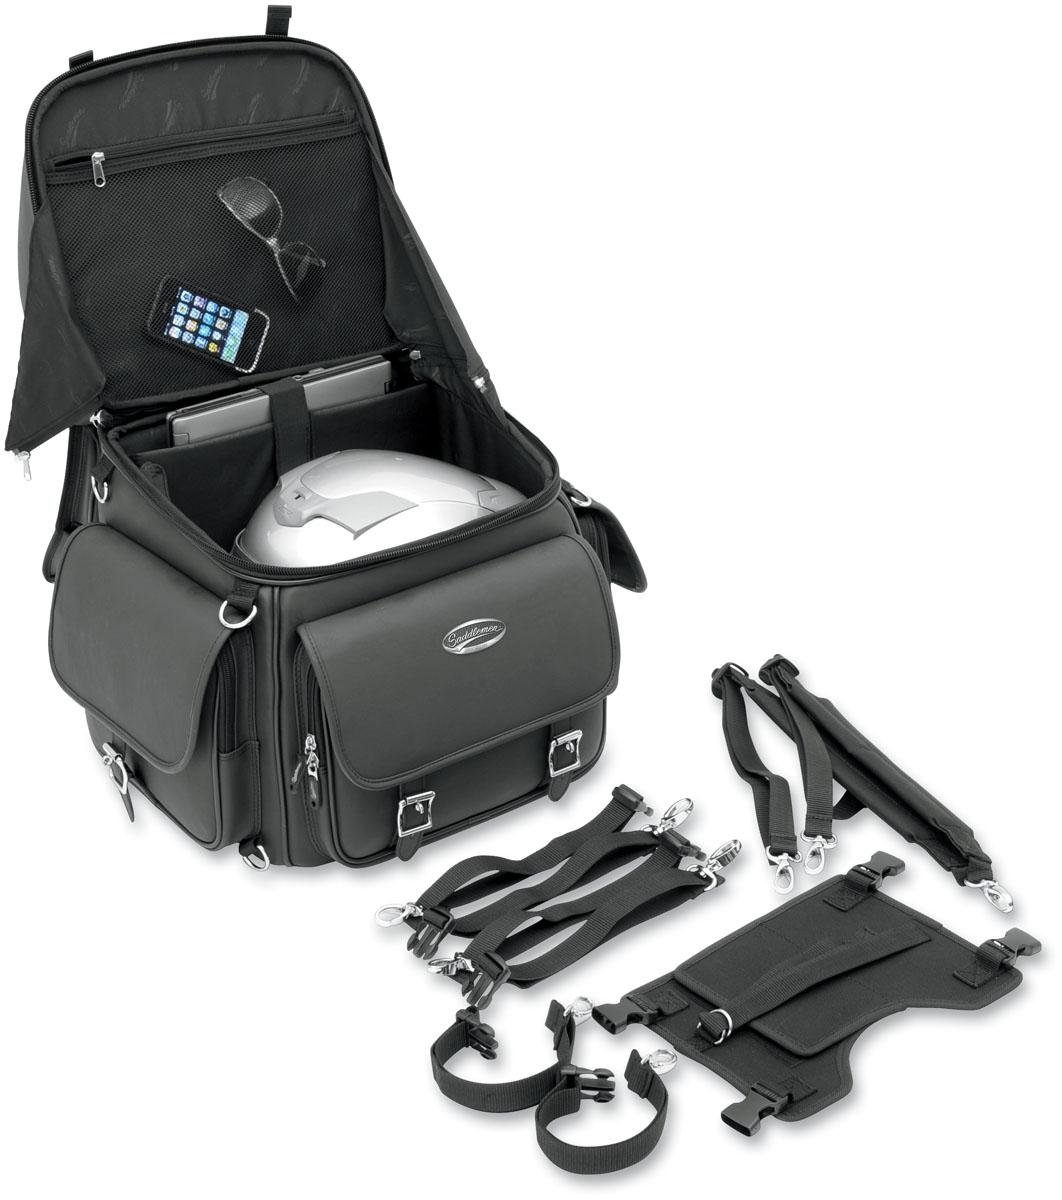 Saddlemen 3515-0118 Combination Back Rest/Seat/Sissy Bar Bag 508248